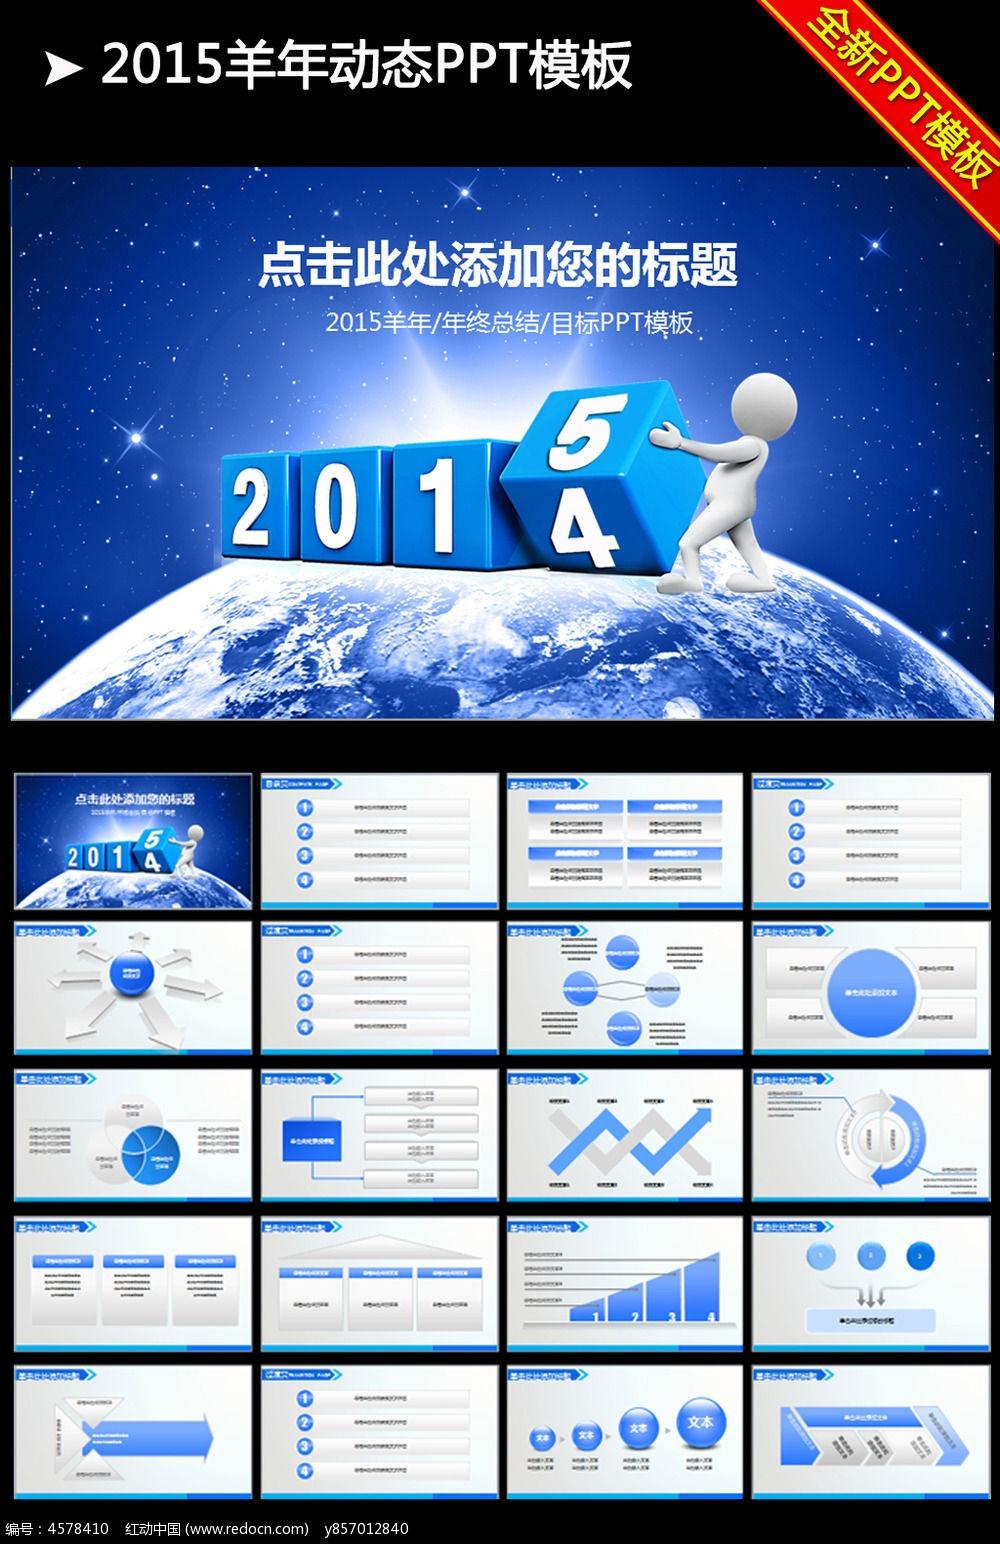 2015誓师动员大会年会PPT